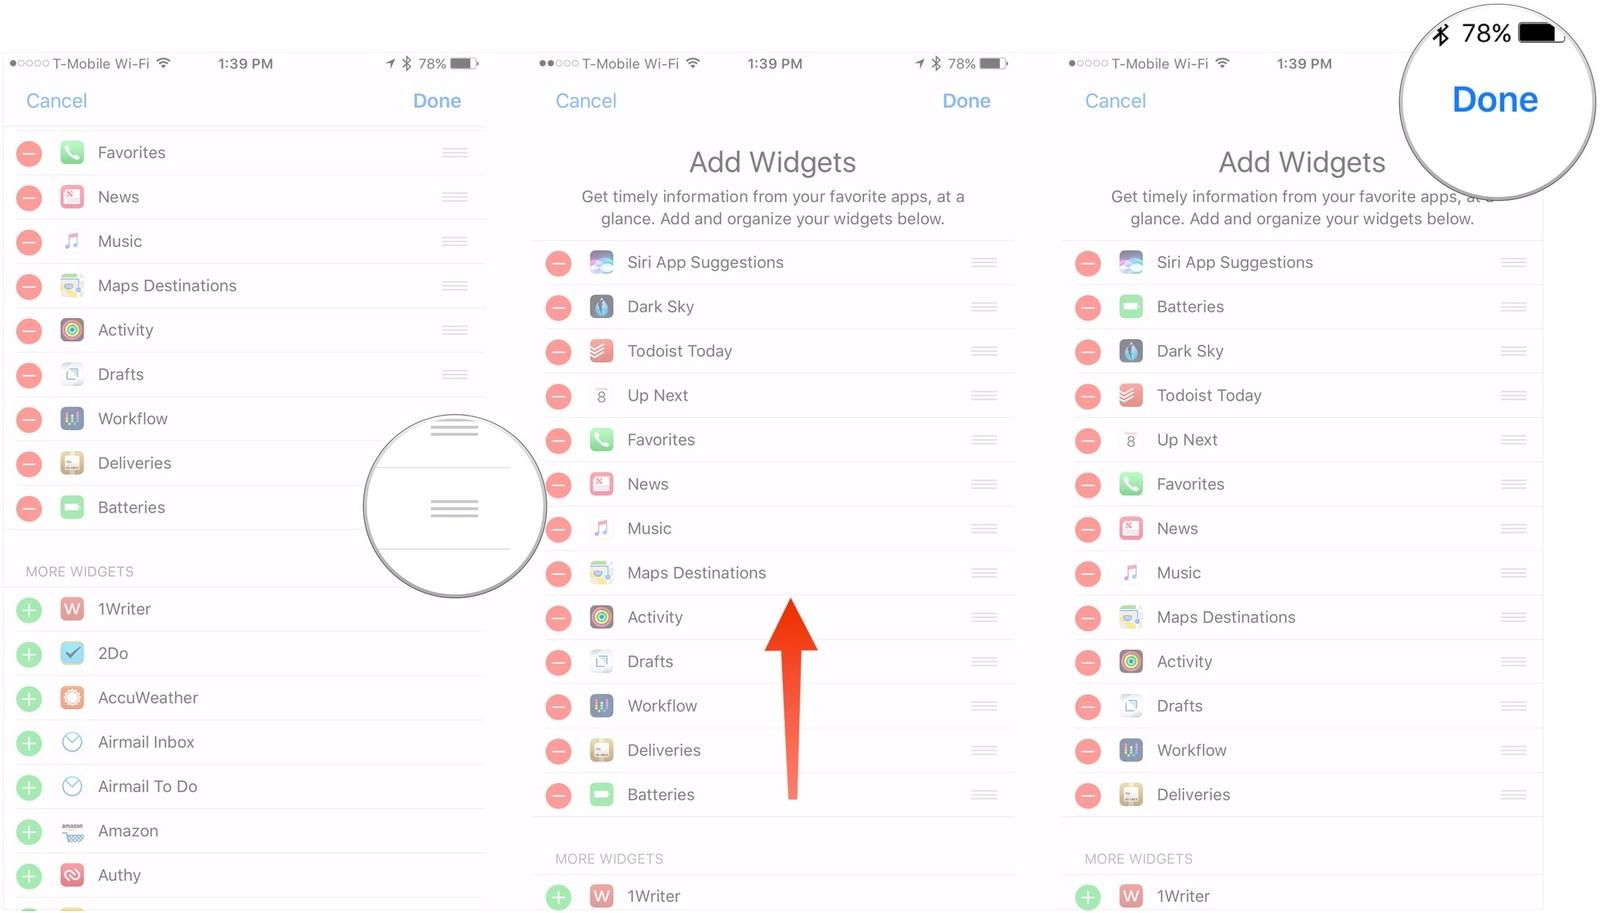 11 вещей которые должен знать каждый пользователь iPhone или iPad - сохраняем виджеты